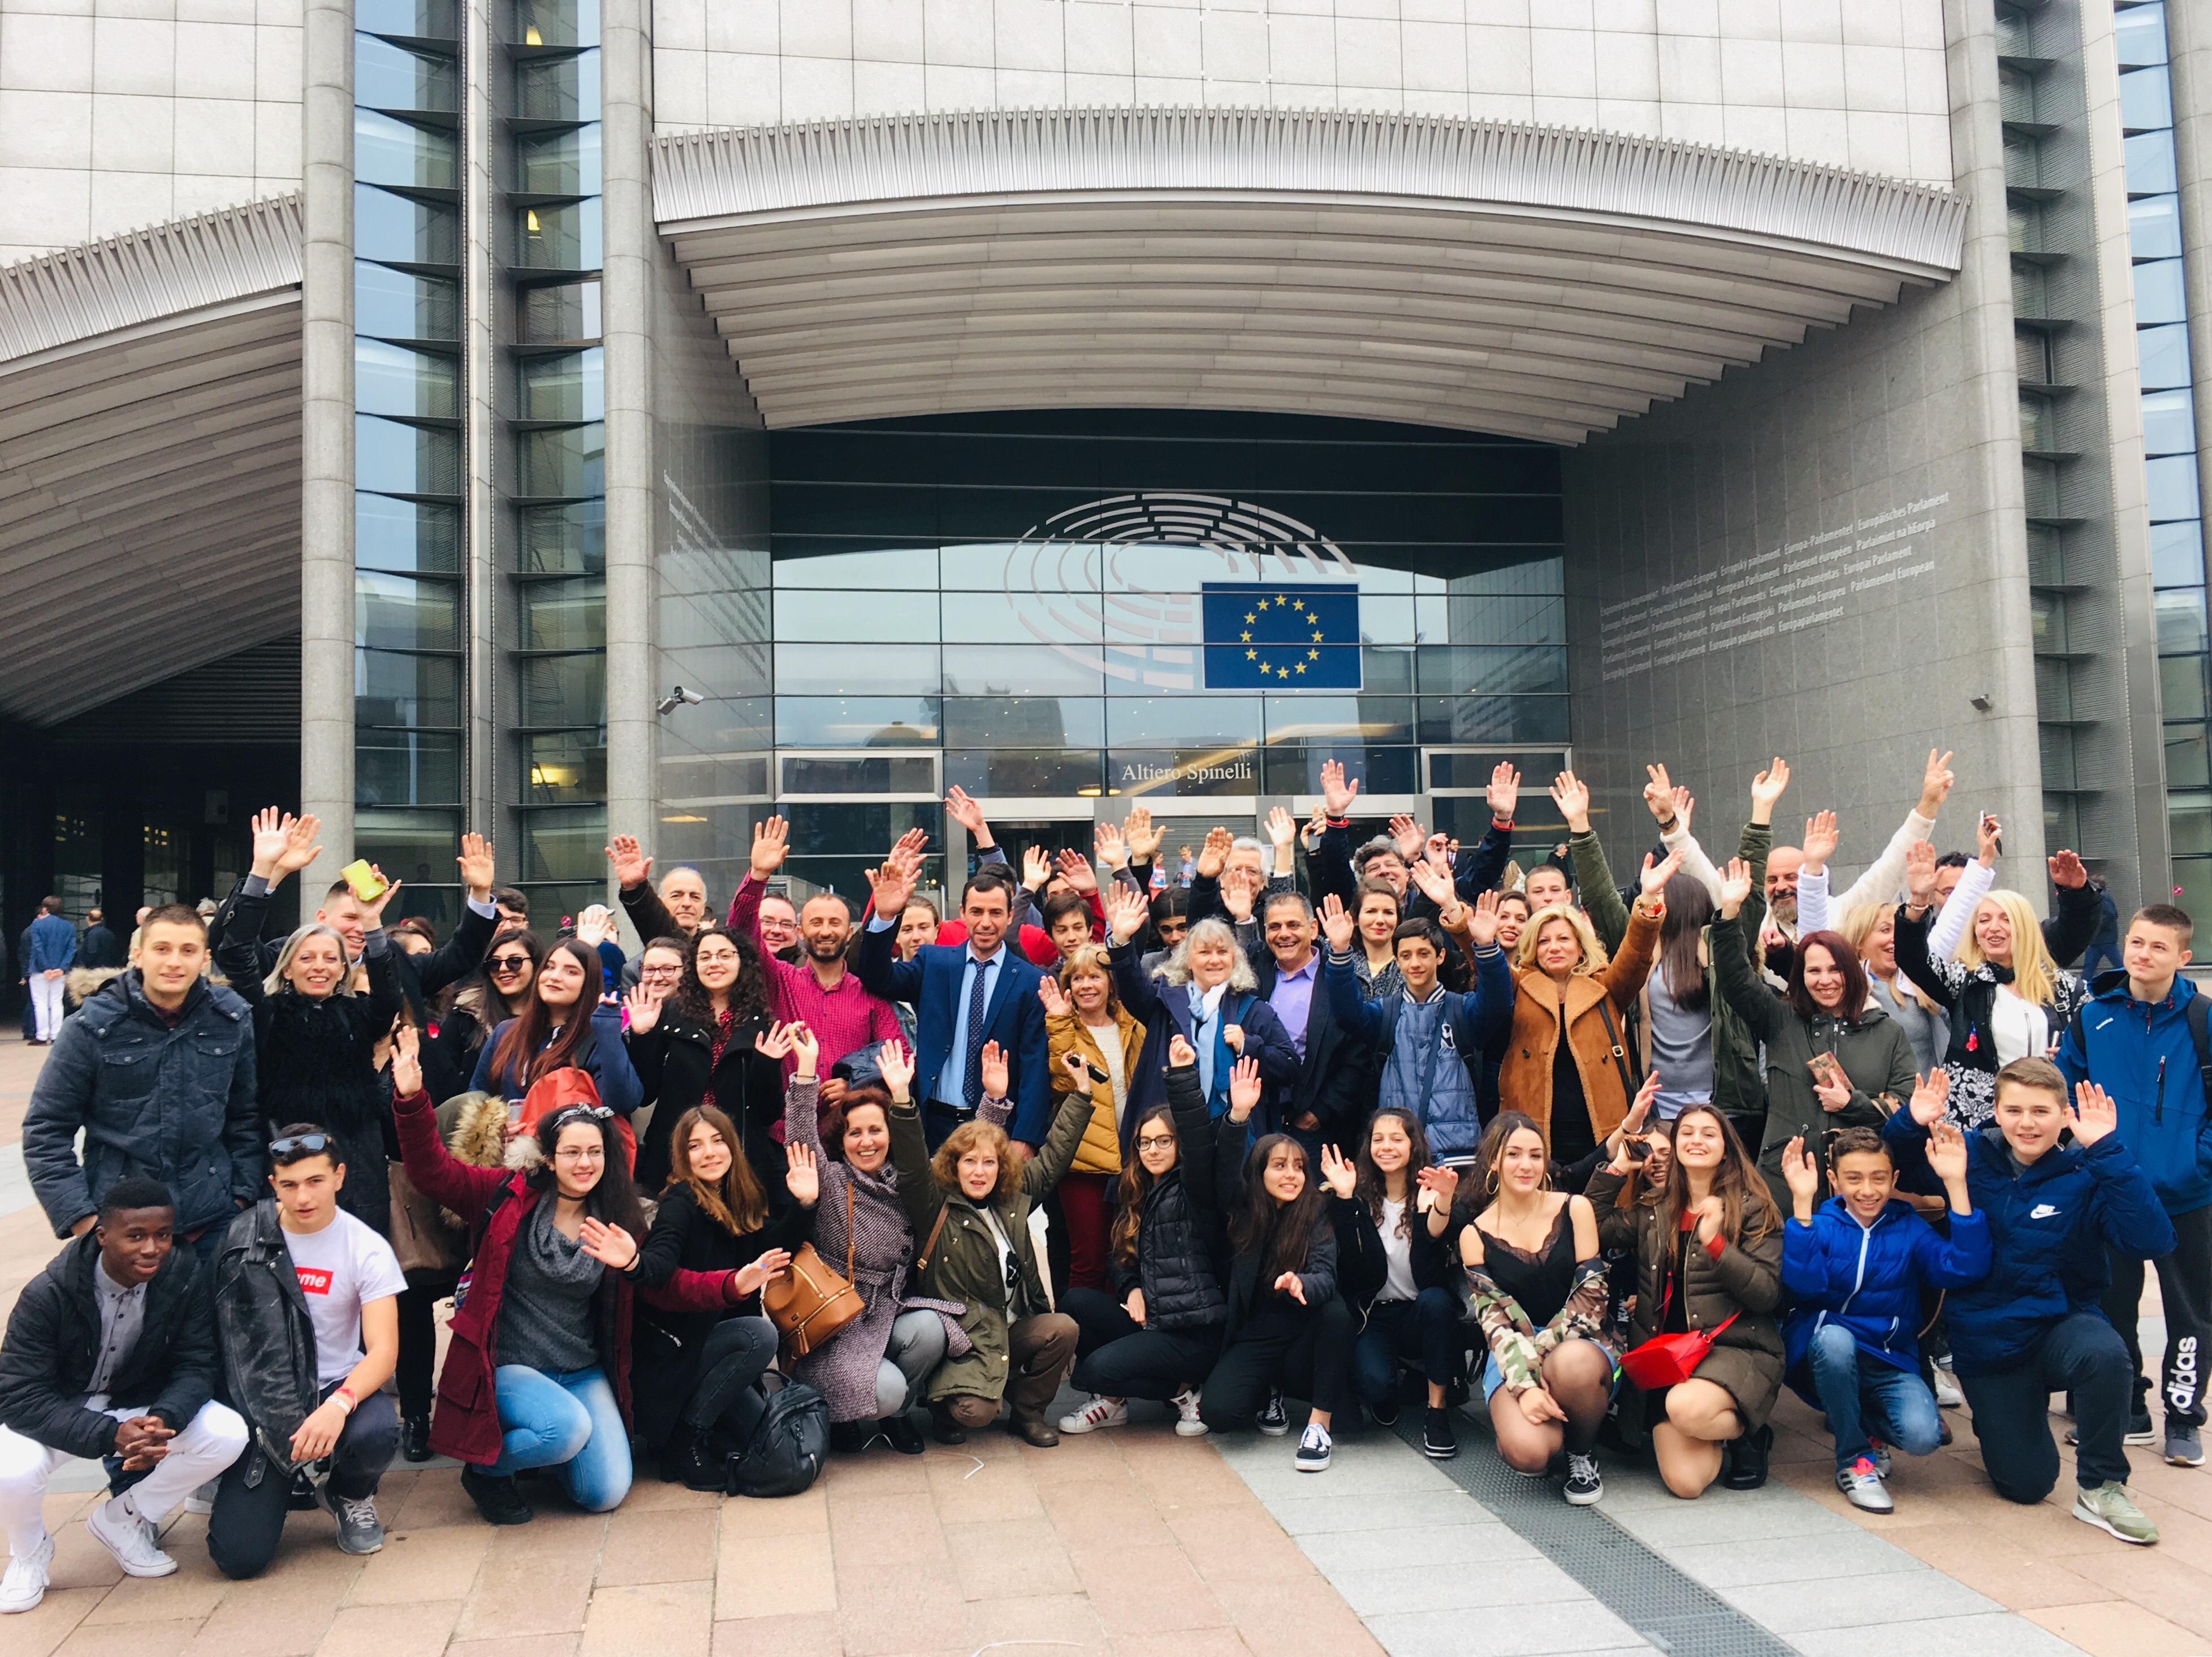 Κ. Κούνεβα: Μαθήματα ανθρωπιάς, αλληλεγγύης και… θάλασσας στις Βρυξέλλες - βίντεο